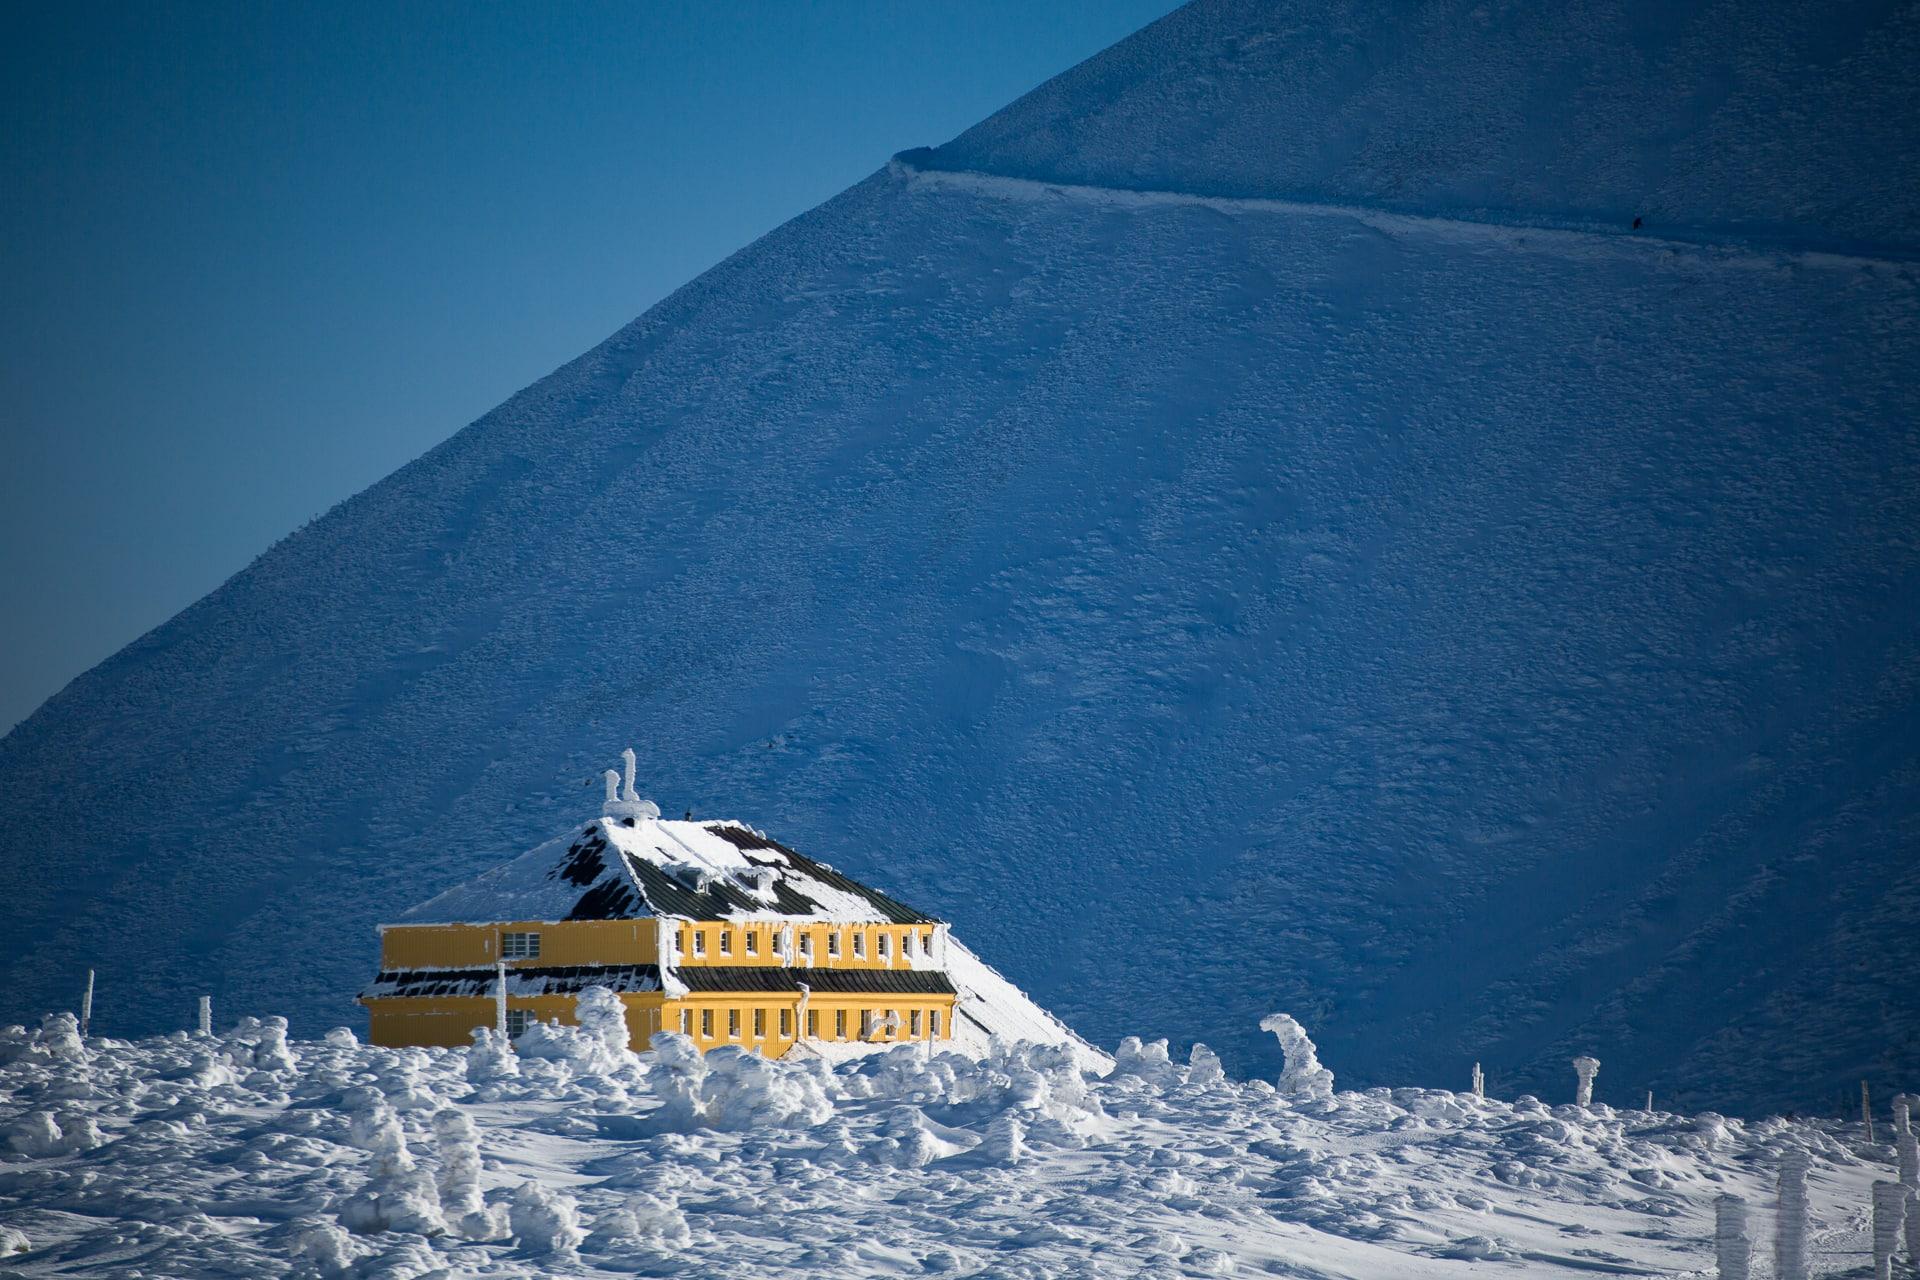 Śnieżka-schronisko Dom Śląski